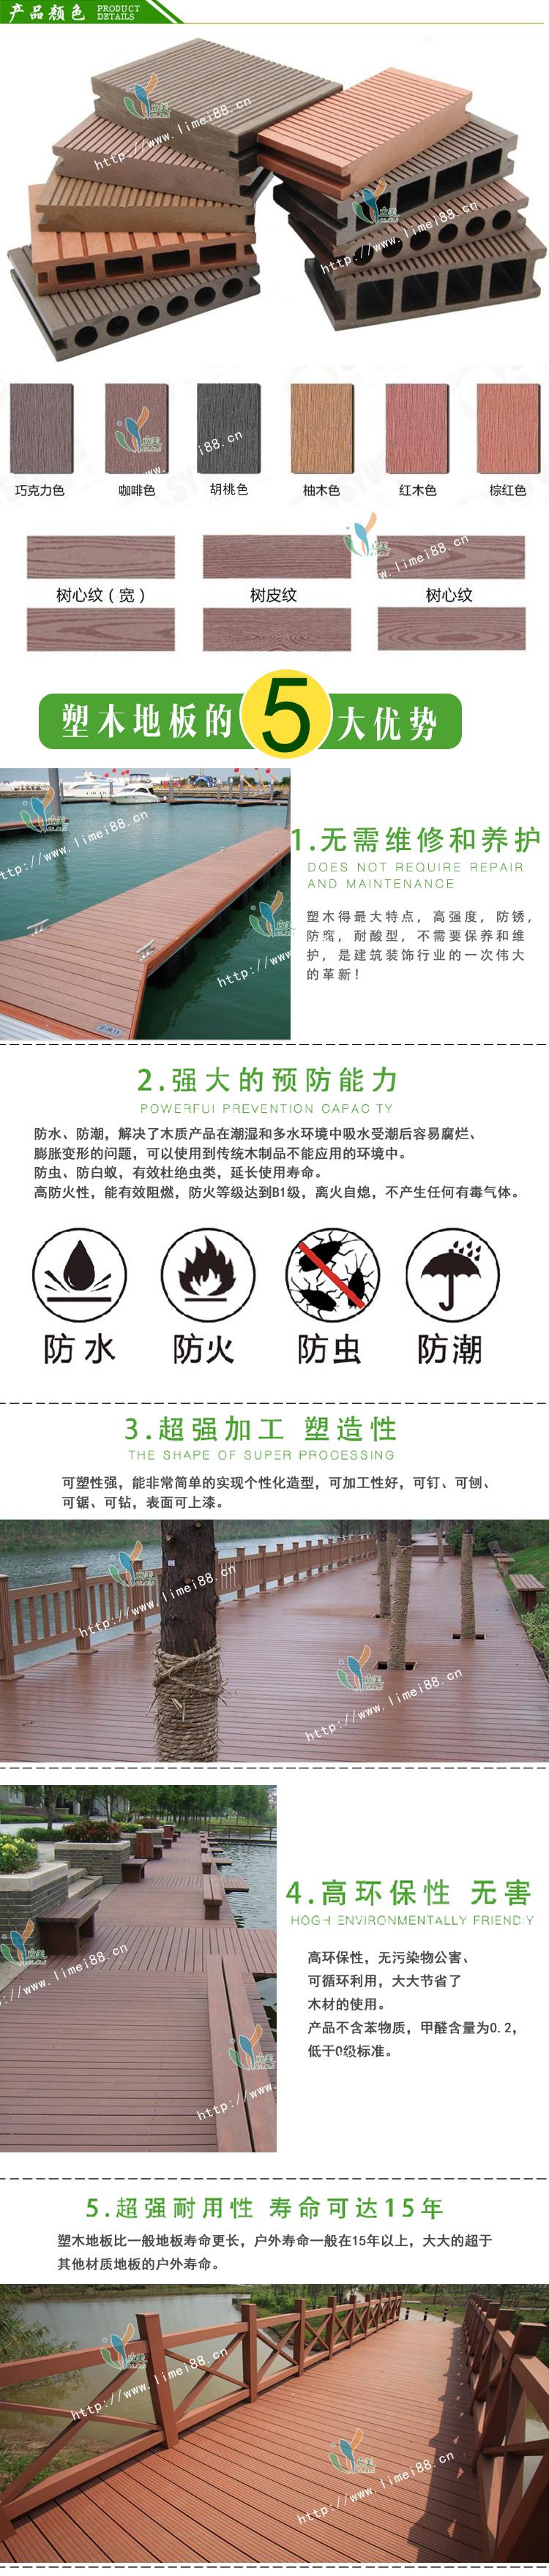 浮桥栈道塑木地板